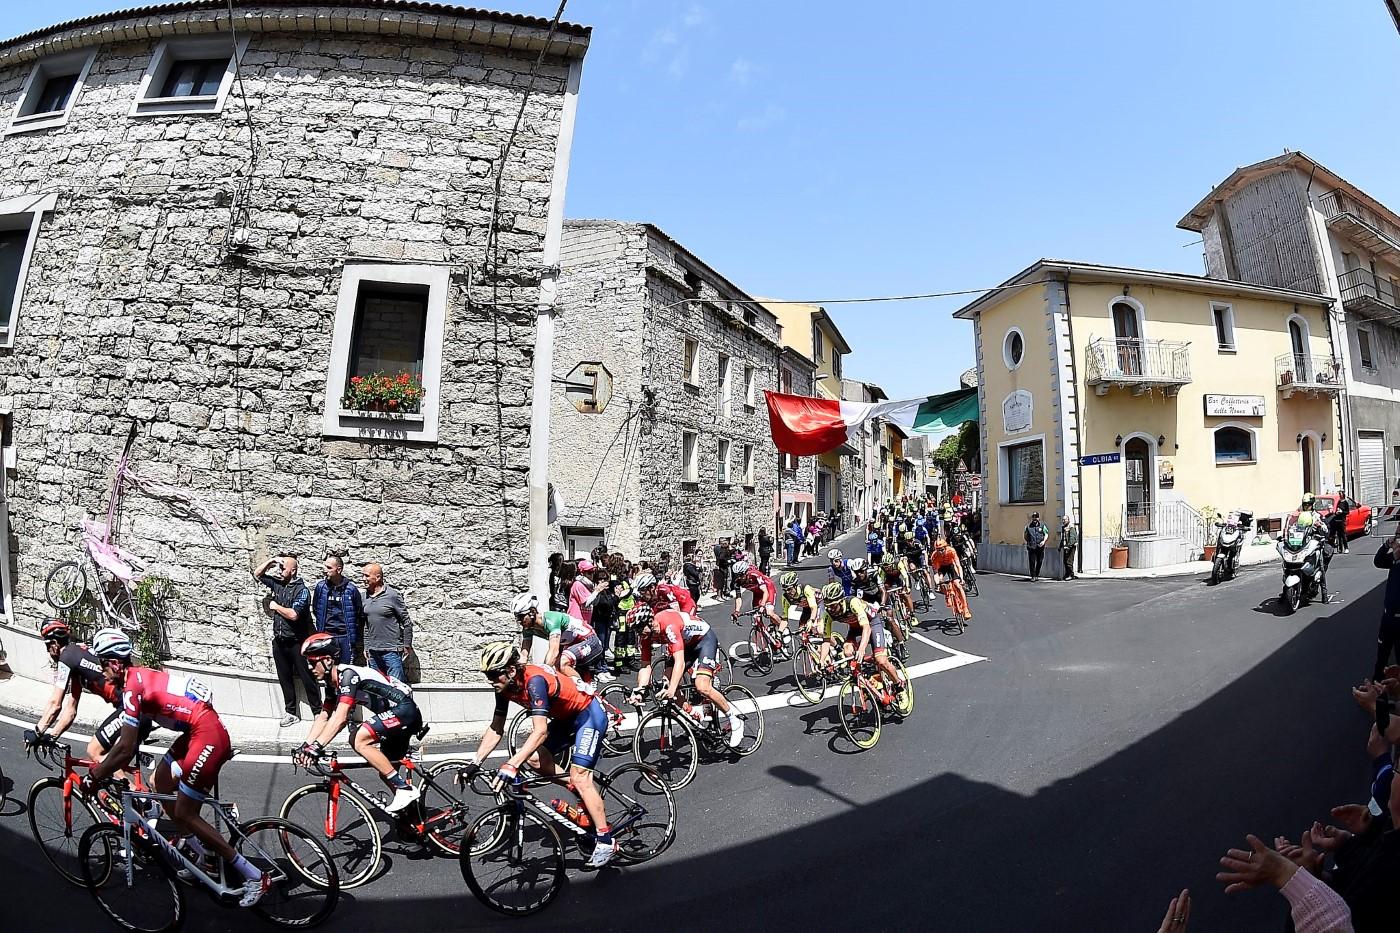 Foto LaPresse - Fabio Ferrari 06/05/2017 Olbia, Sassari (Italia) Sport Ciclismo Giro d'Italia 2017 - 100a edizione - Tappa 2 - da Olbia a Tortoli' - 211 km ( 131 miglia ) Nella foto:durante la gara. Photo LaPresse - Fabio Ferrari 06/05/2017 Olbia, Sassari Italy ) Sport Cycling Giro d'Italia 2017 - 100th edition - Stage 2 - Olbia to Tortoli' - 211 km ( 131 miles ) In the pic:during the race.